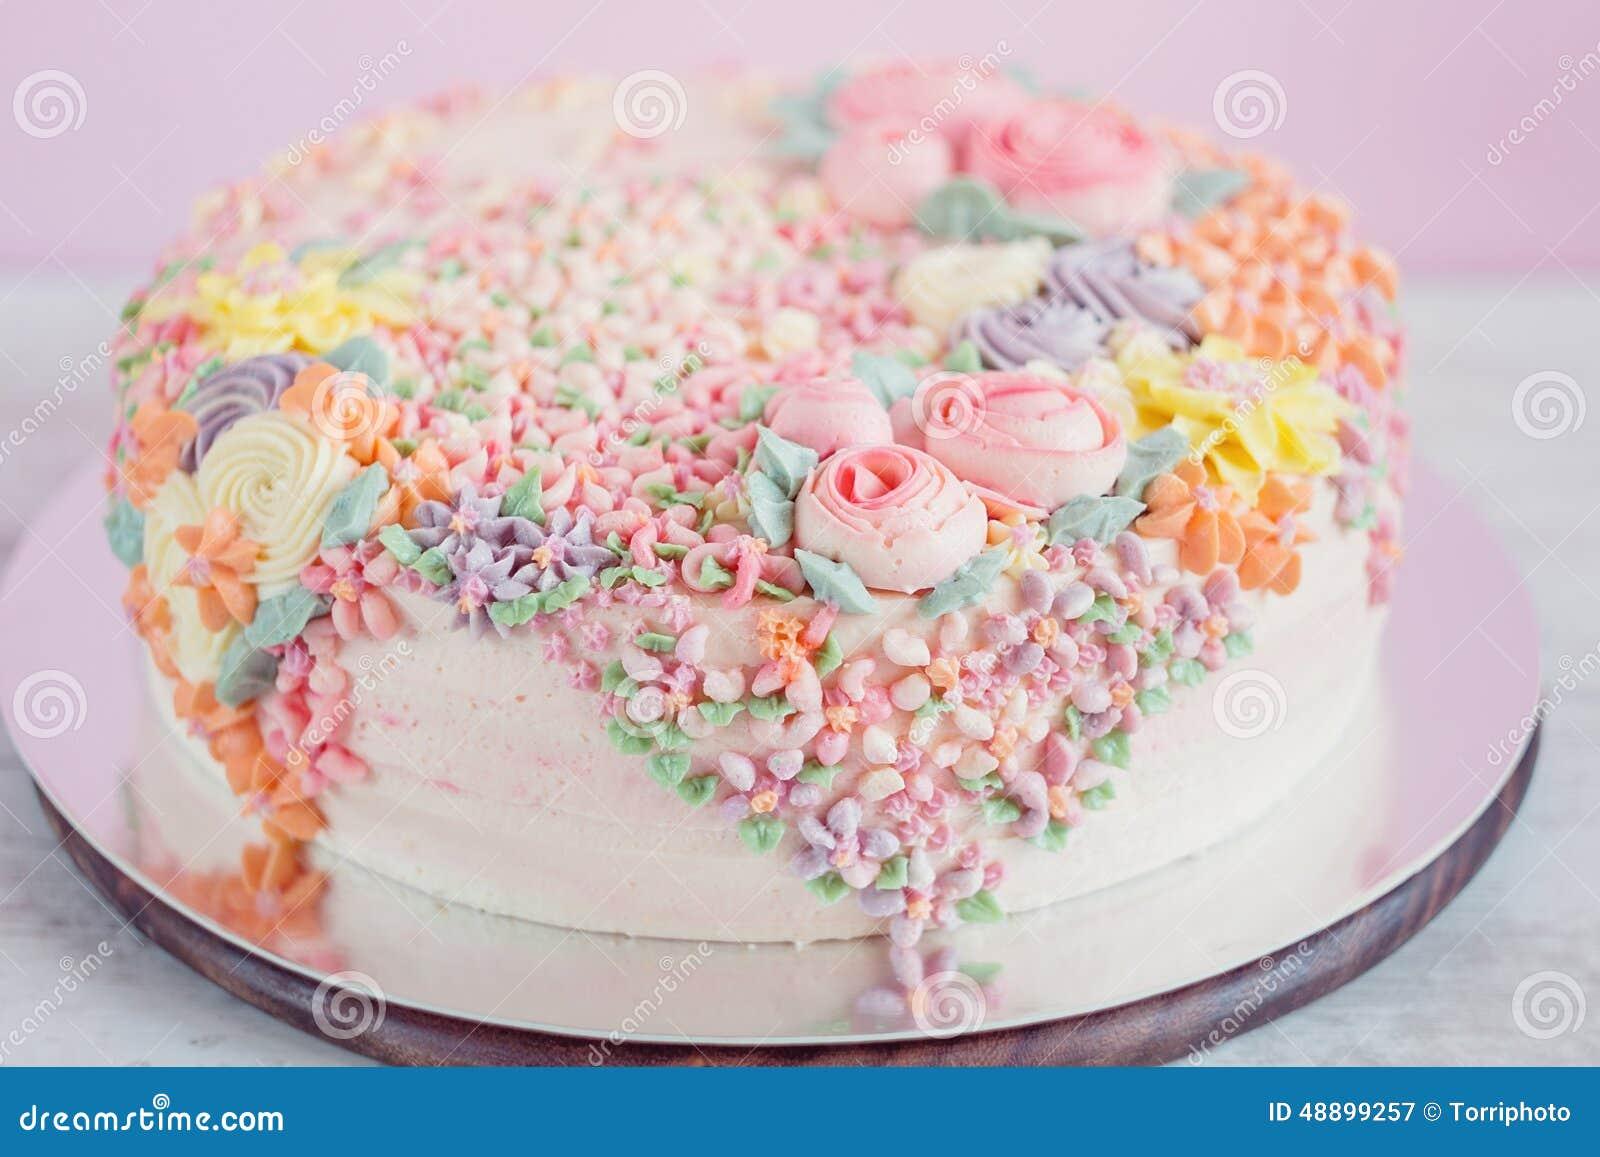 Pastelkleur roze die cake met roombloemen wordt verfraaid stock ...